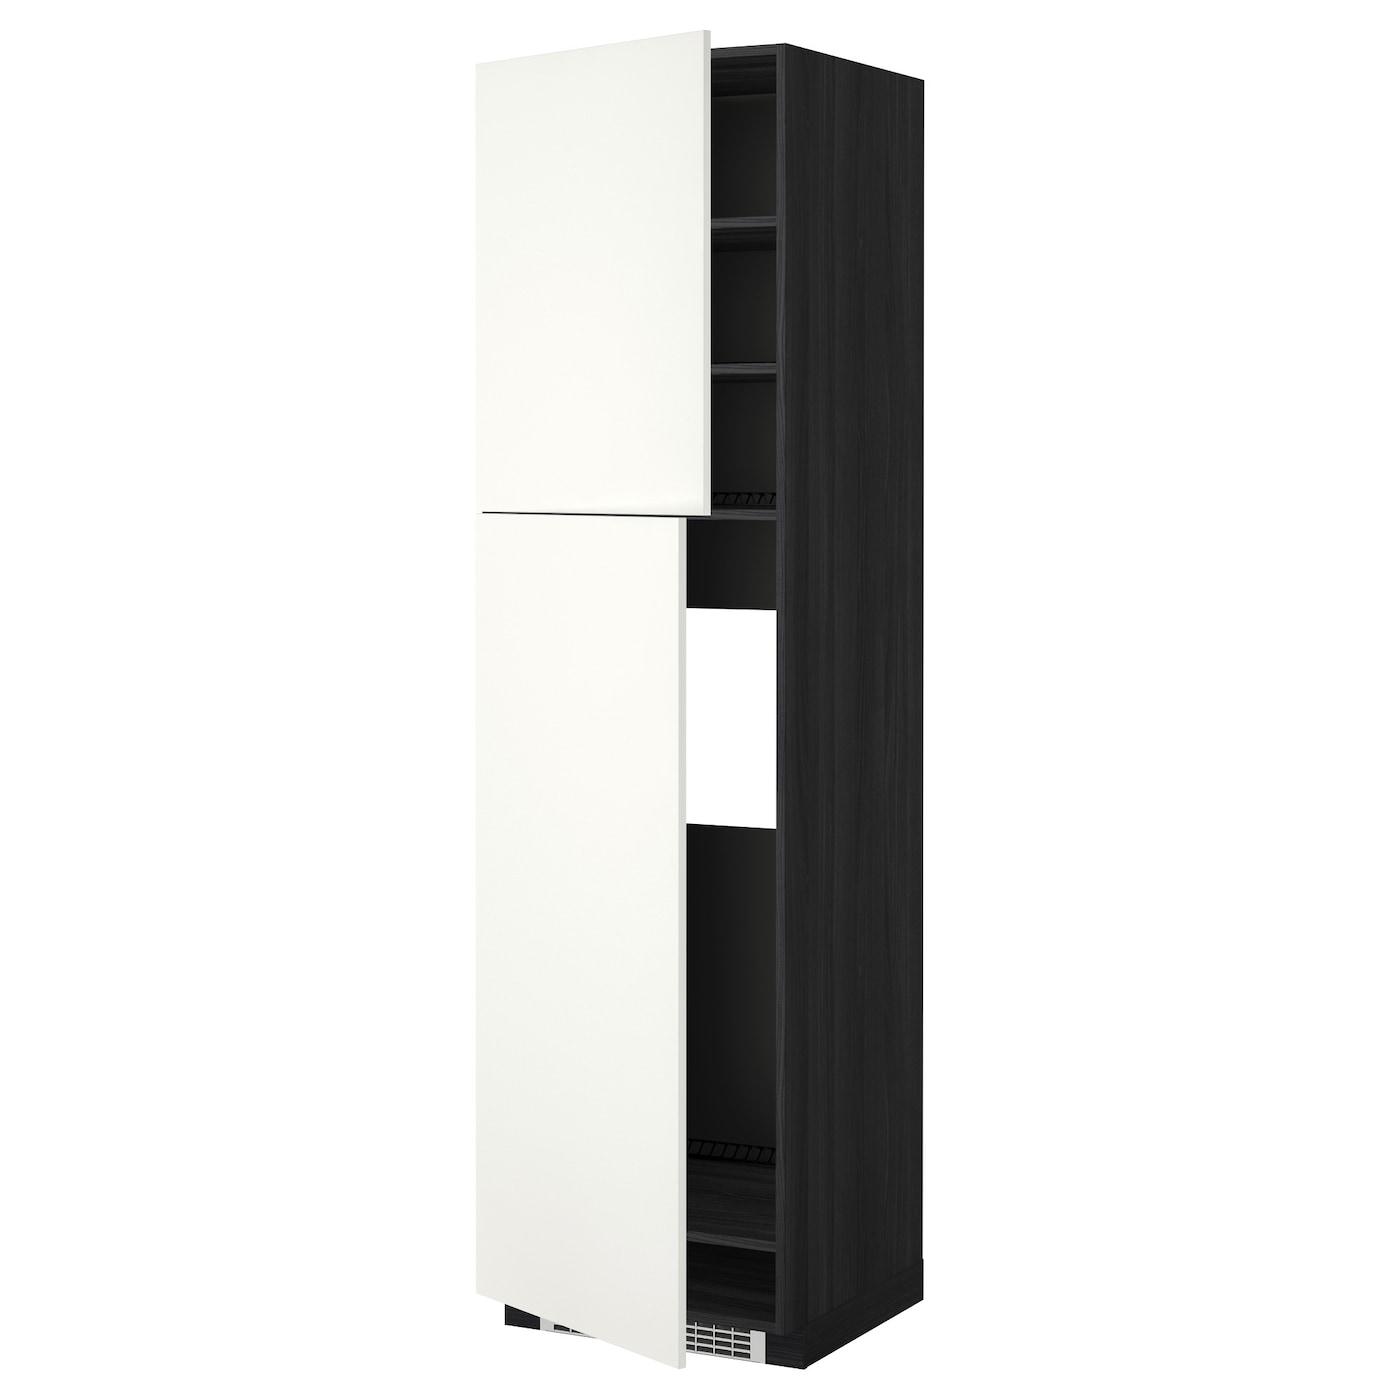 METOD, HS für Kühlschr m 2 Türen, schwarz 899.253.09